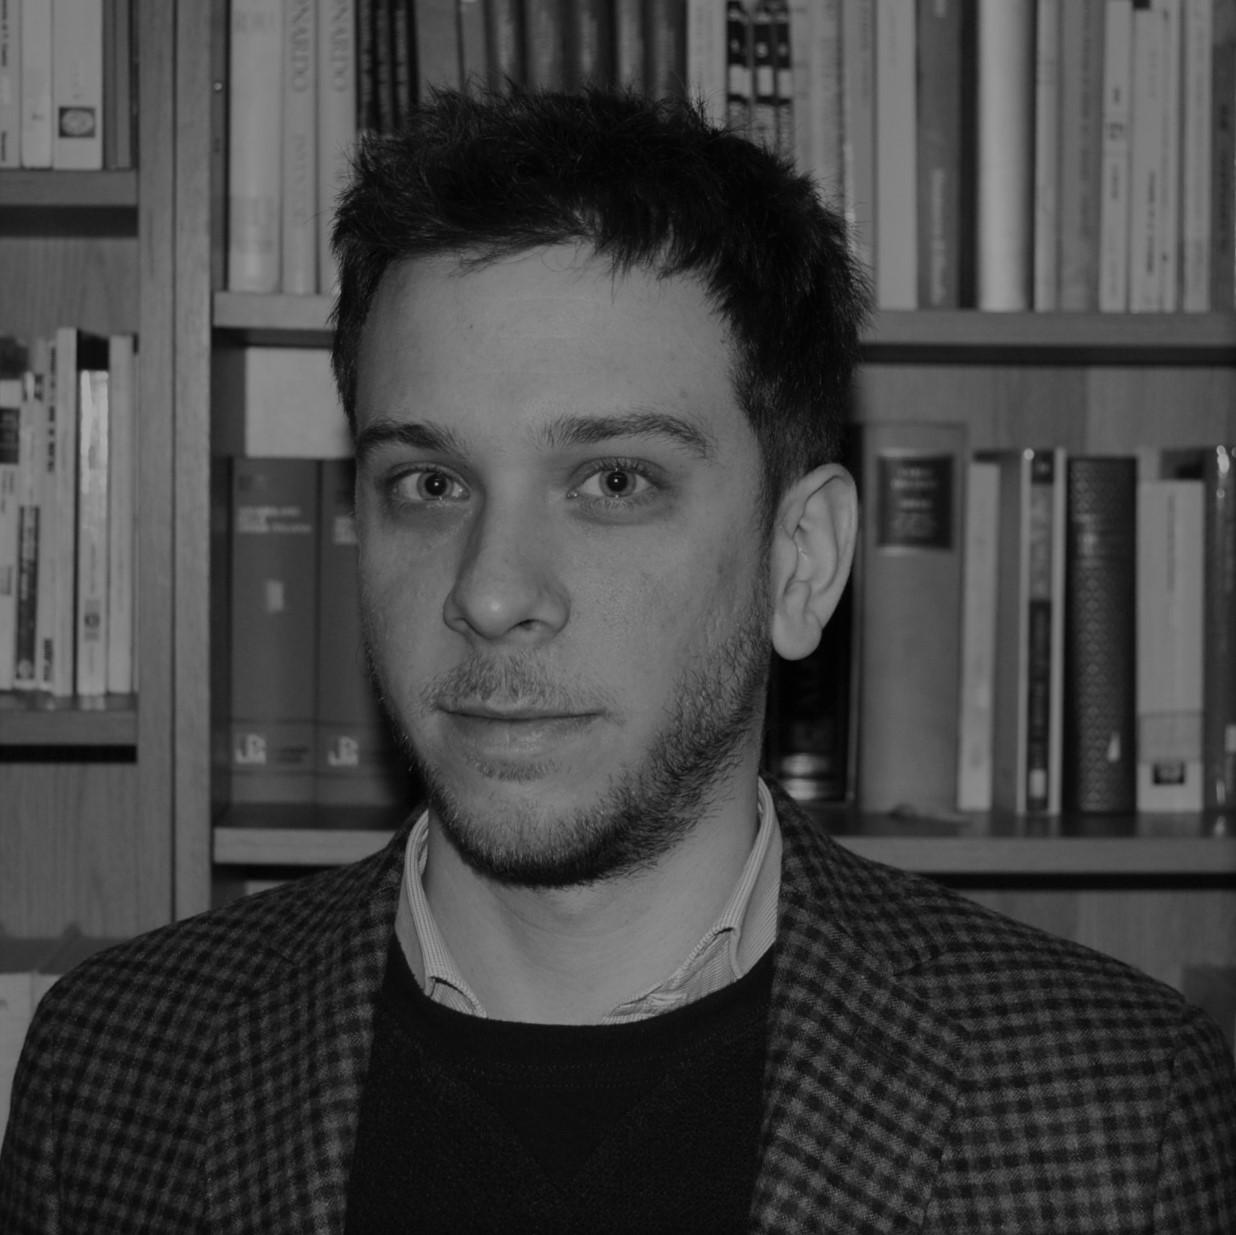 https://www.sfide-lascuoladitutti.it/wp-content/uploads/2018/01/collavini.jpg